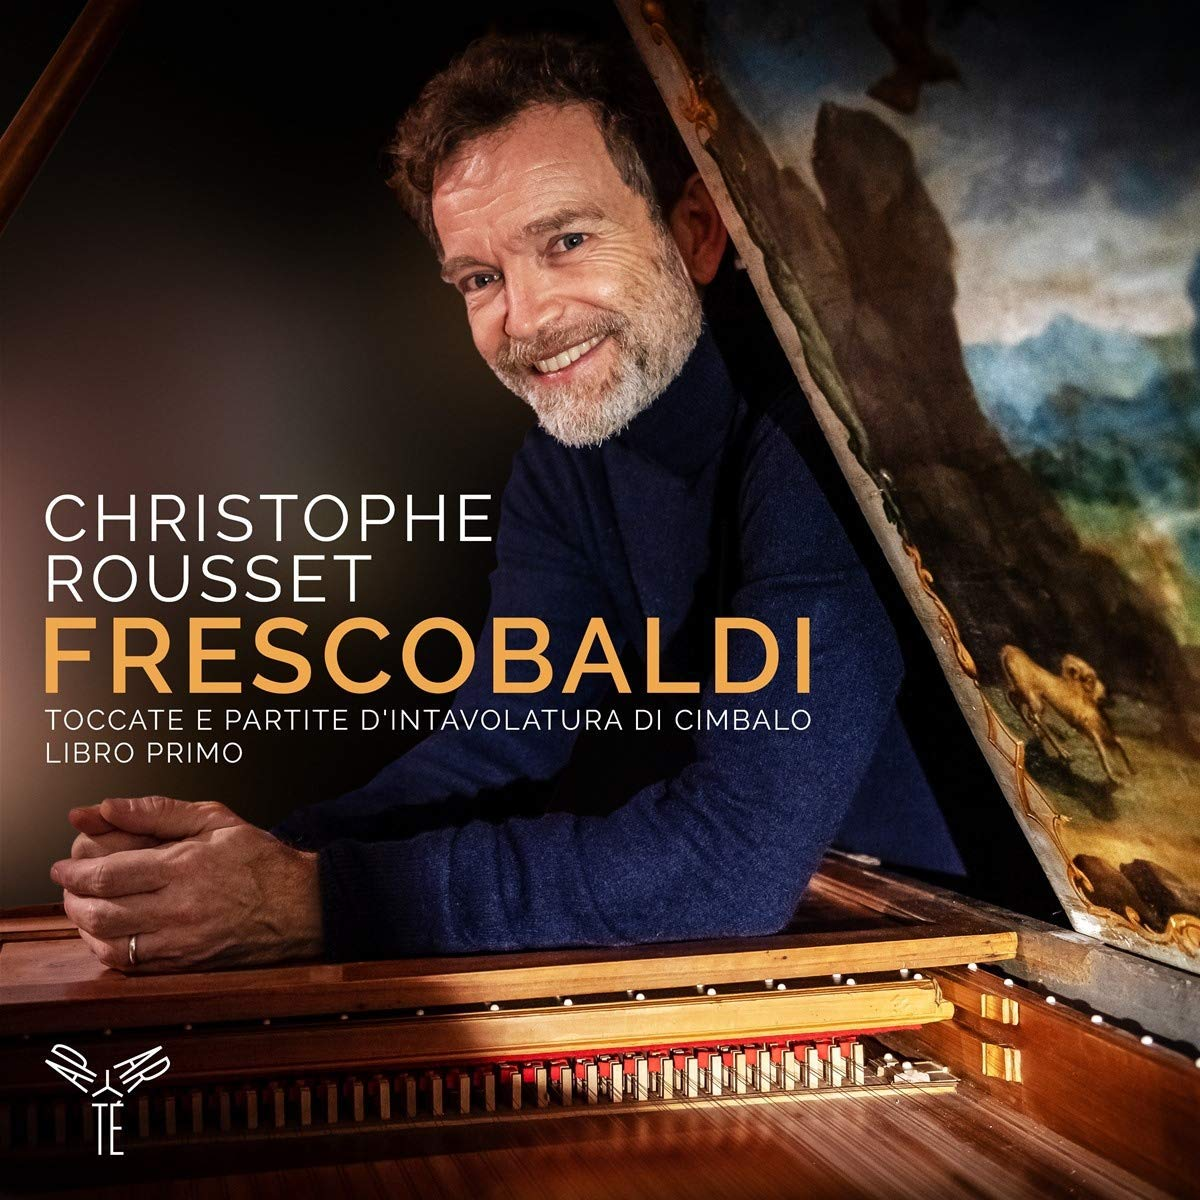 Frescobaldi - Toccate e partite d'intavolatura di cimbalo